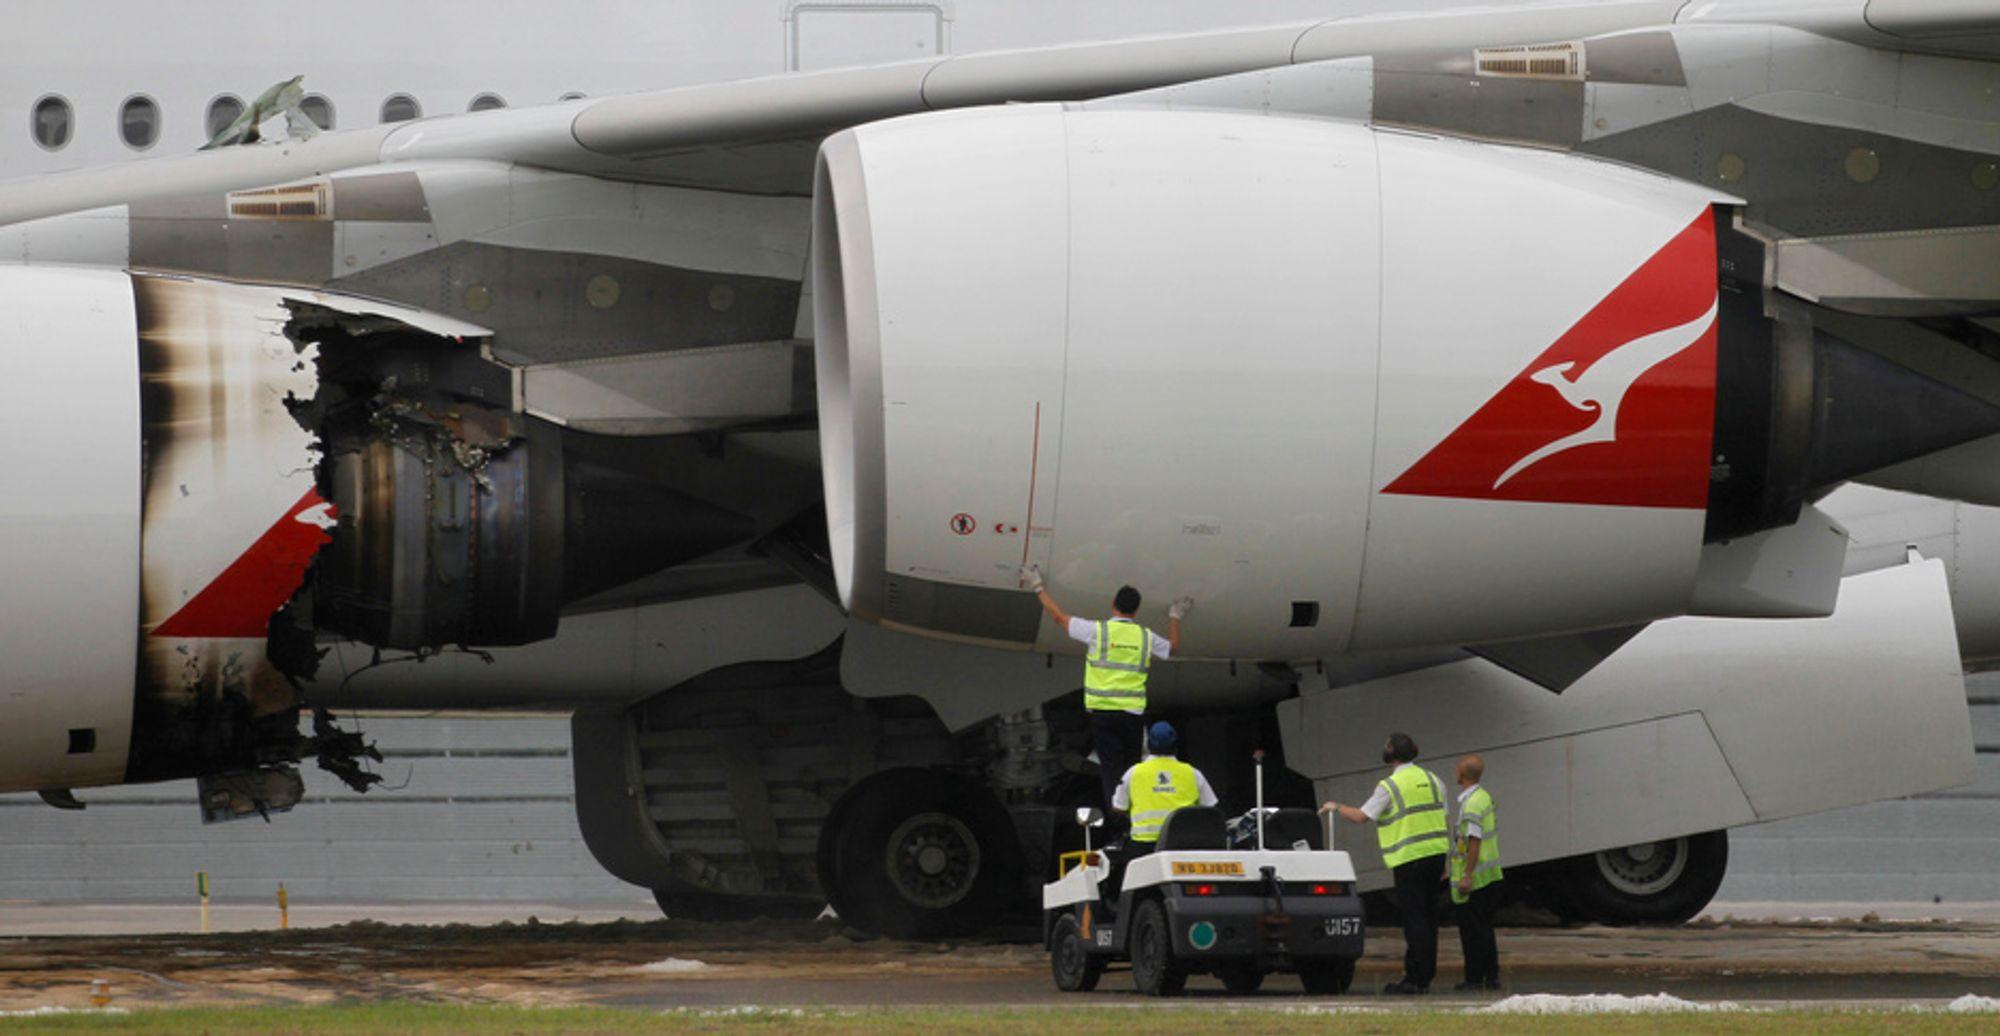 Tidligere denne måneden måtte en Qantas-fly nødlande i Singapore etter en motorsvikt. Nå er det mulig produsenten Rolls-Royce må skifte ut flere A380-motorer.